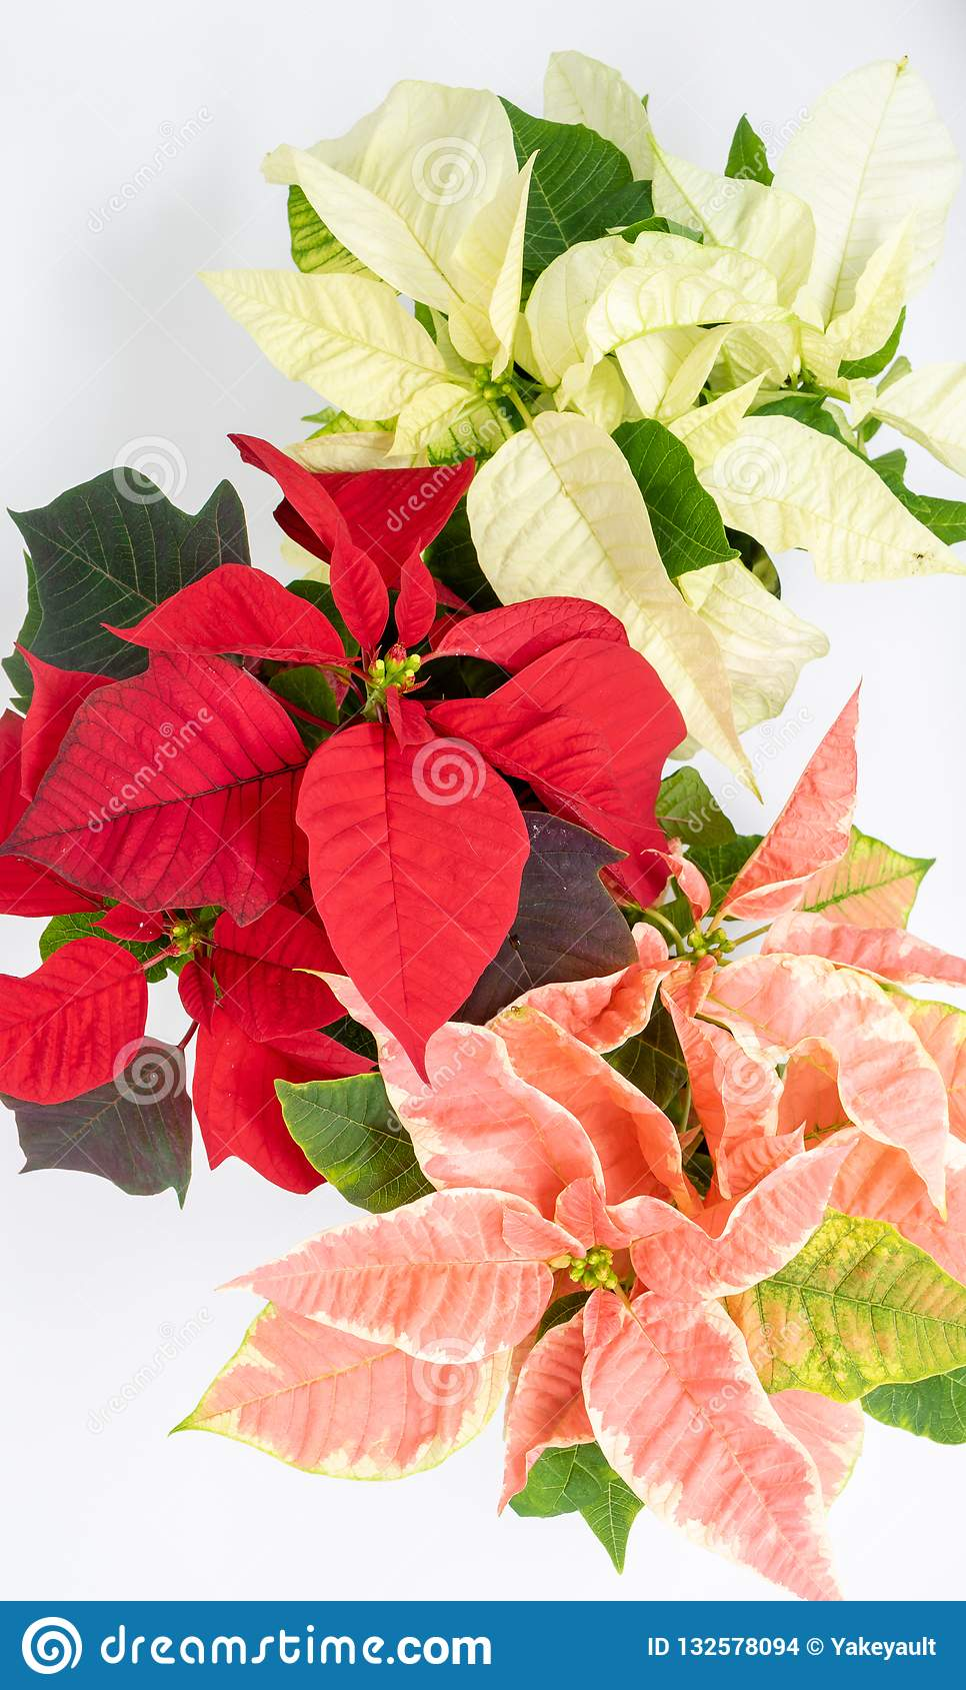 Immagini Di Natale Colorate.Di Stelle Di Natale Colorate Multi Contro Un Fondo Bianco